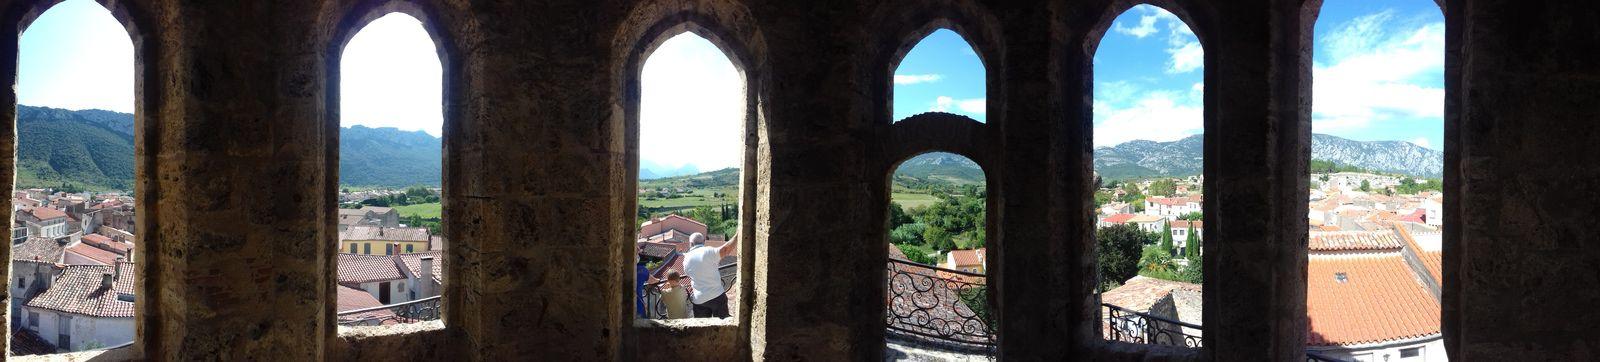 Photo panoramique en haut du Chapitre, 7 côtés mais 6 ouvertures.